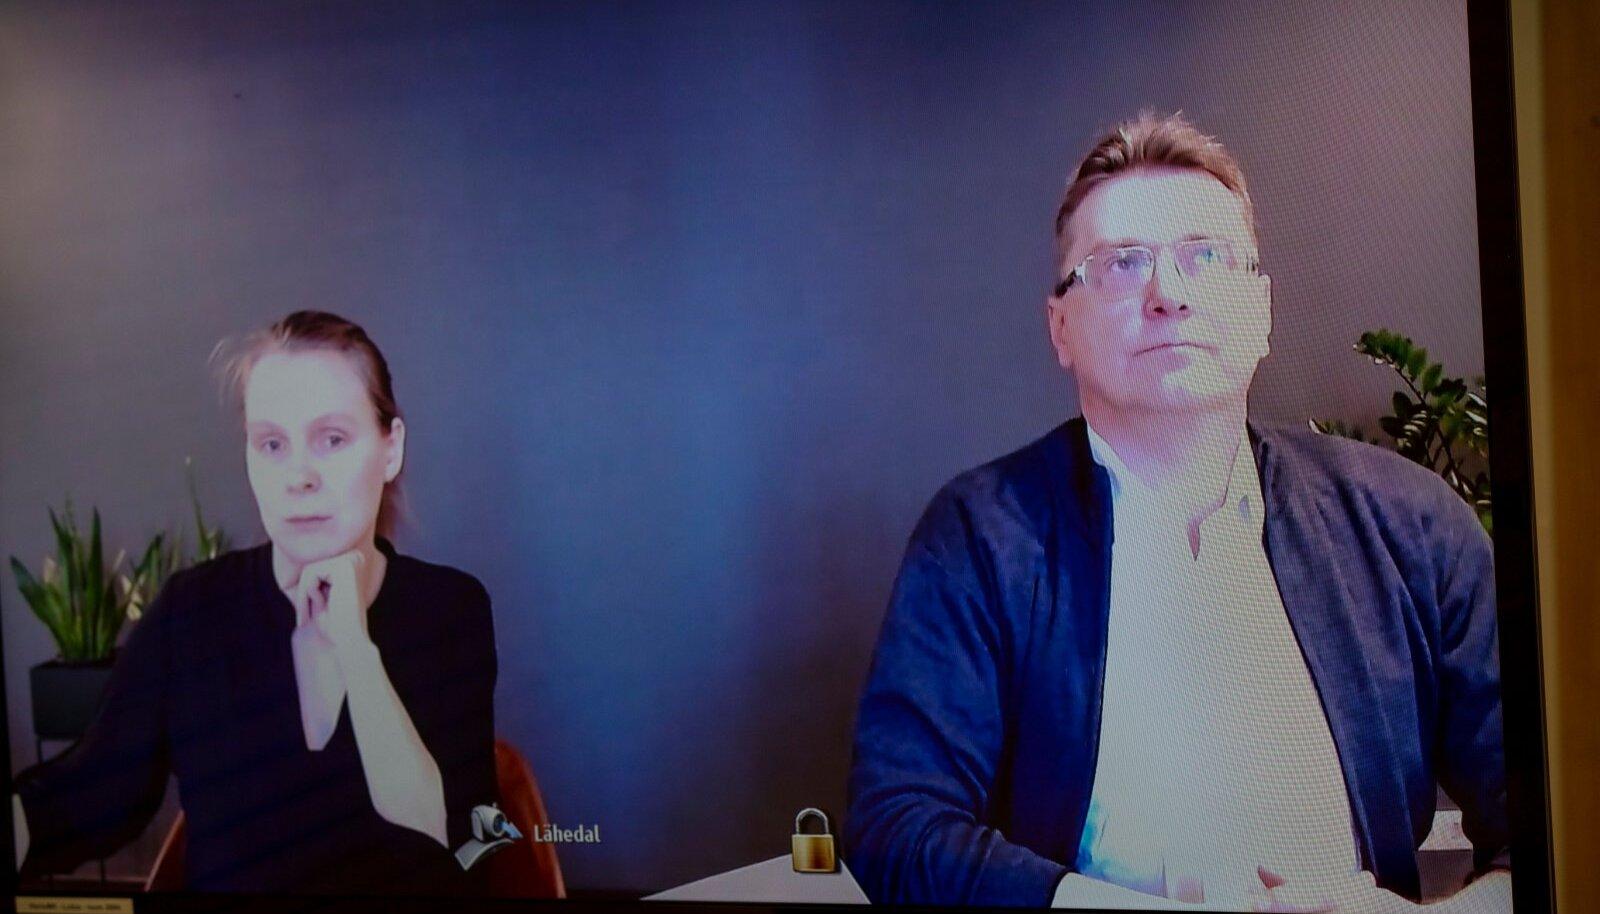 NÕUAB ÕIGUST: Indrek Särg (paremal) ja tema kaitsja Riin Rehepapp selgitavad kohtus, miks eksis partei, kui Särje parteist välja viskas.